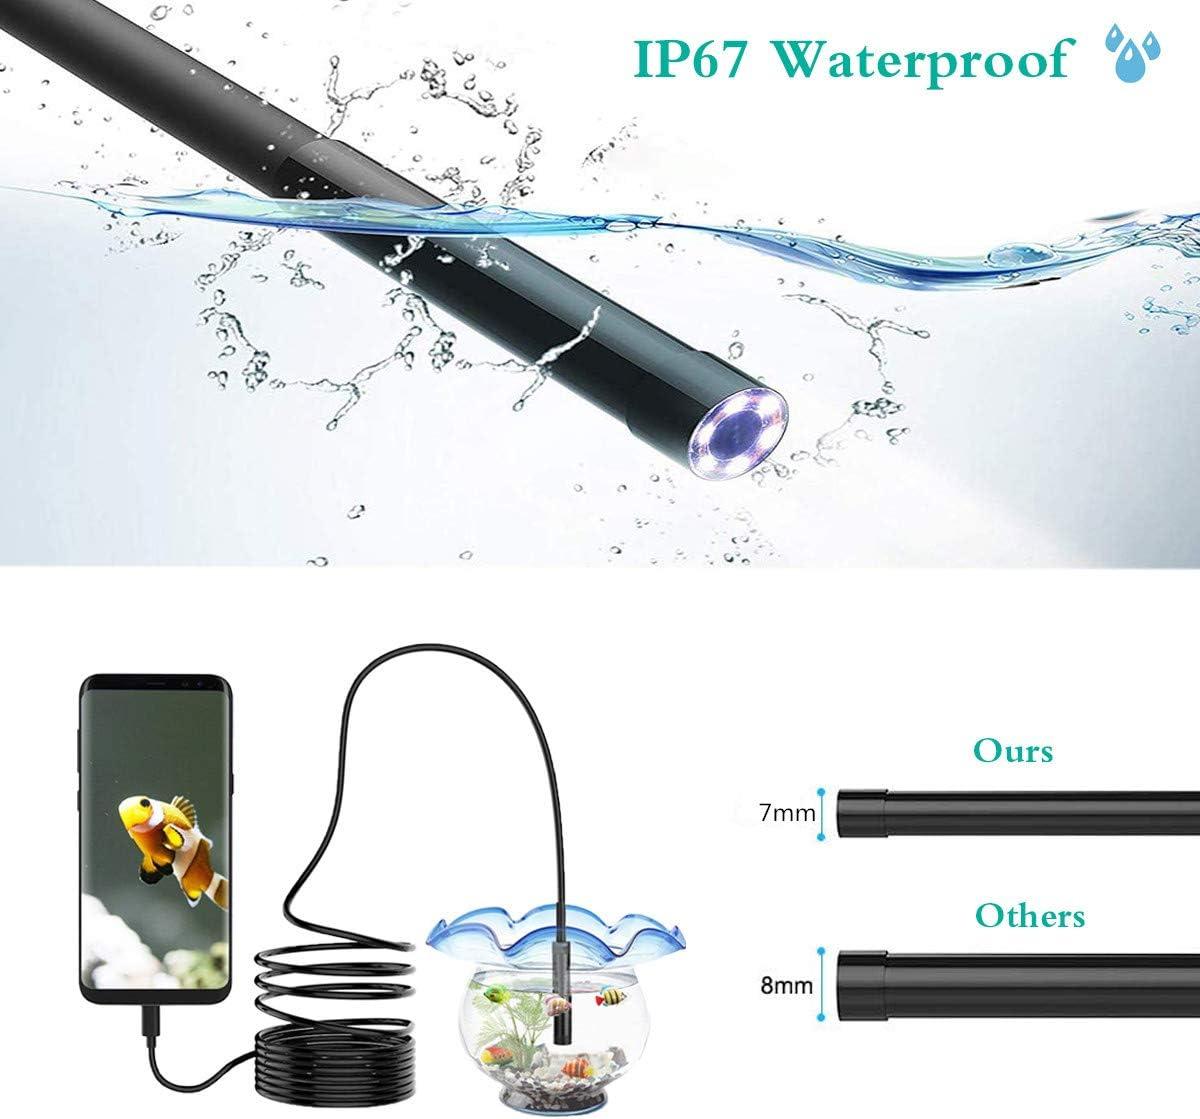 HKBTCH Endoscope USB Android cam/éra endoscopique 7 mm 720p HD zoom autofocus cam/éra dinspection avec 6 LED IP67 /étanche semi-rigide et c/âble serpent 5 m